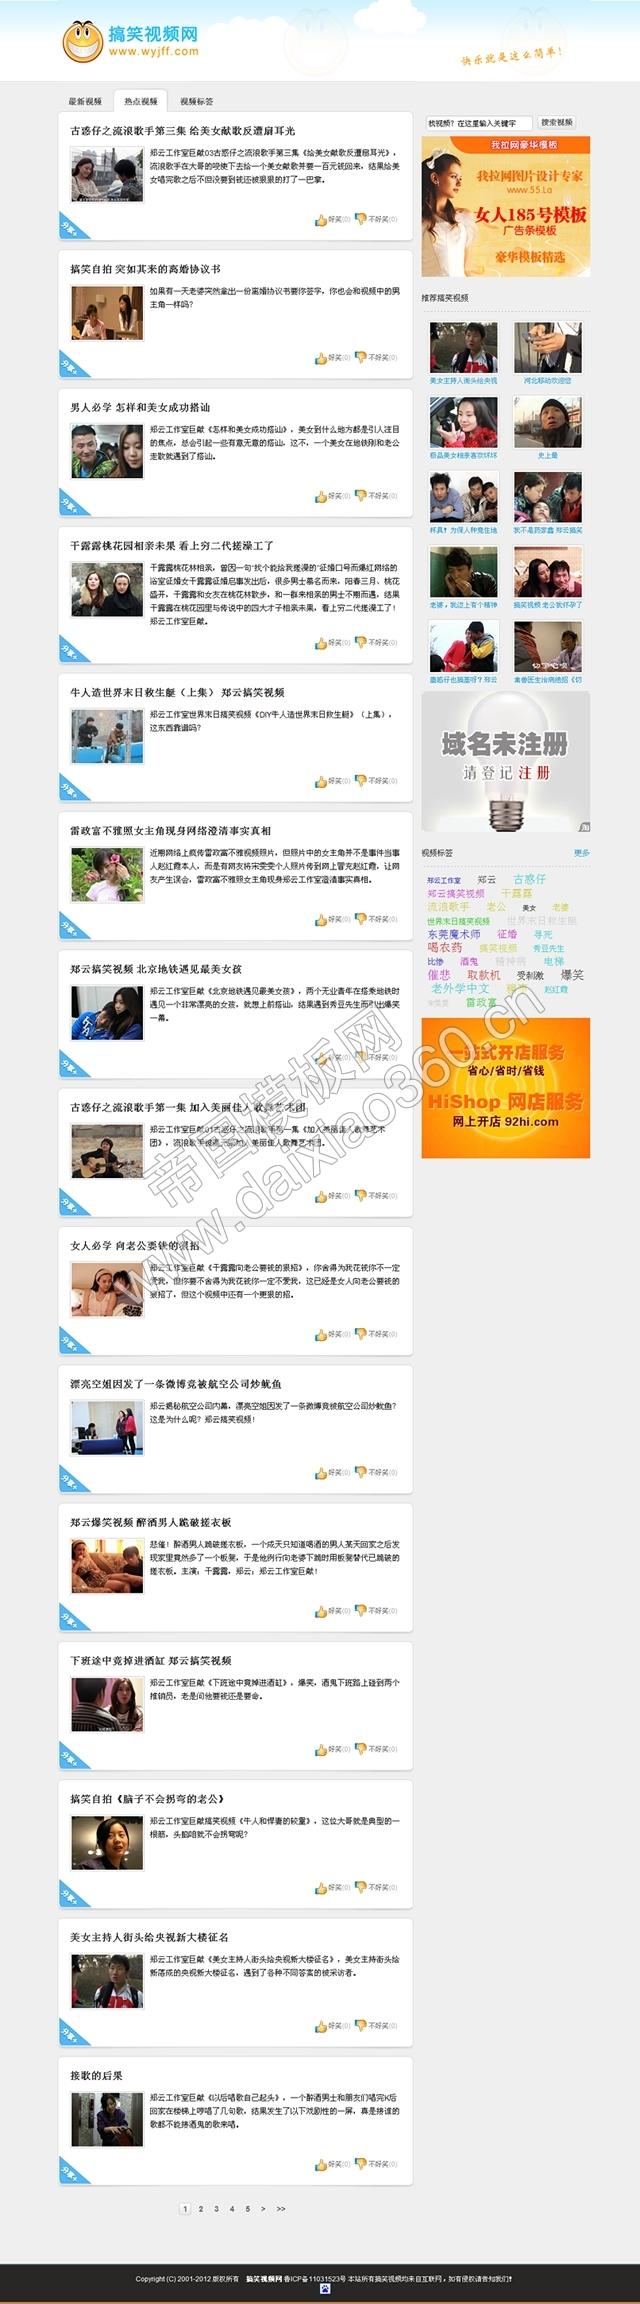 帝国cms搞笑视频网站模板_列表页